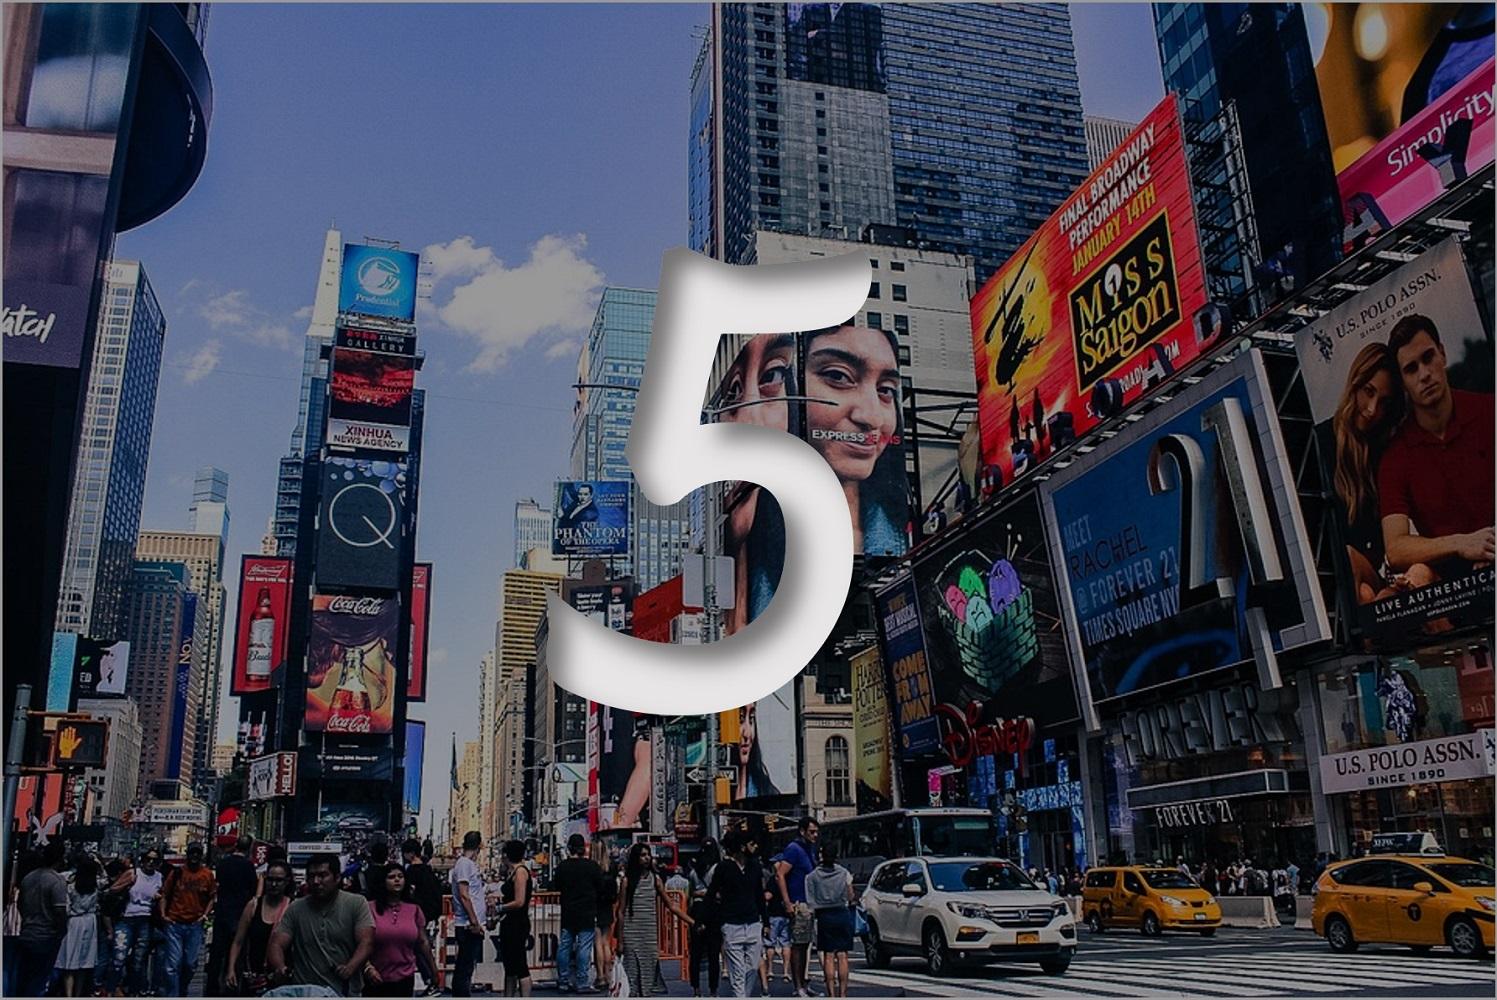 2018年】アメリカEC市場規模 - おさえておきたい5つ数字